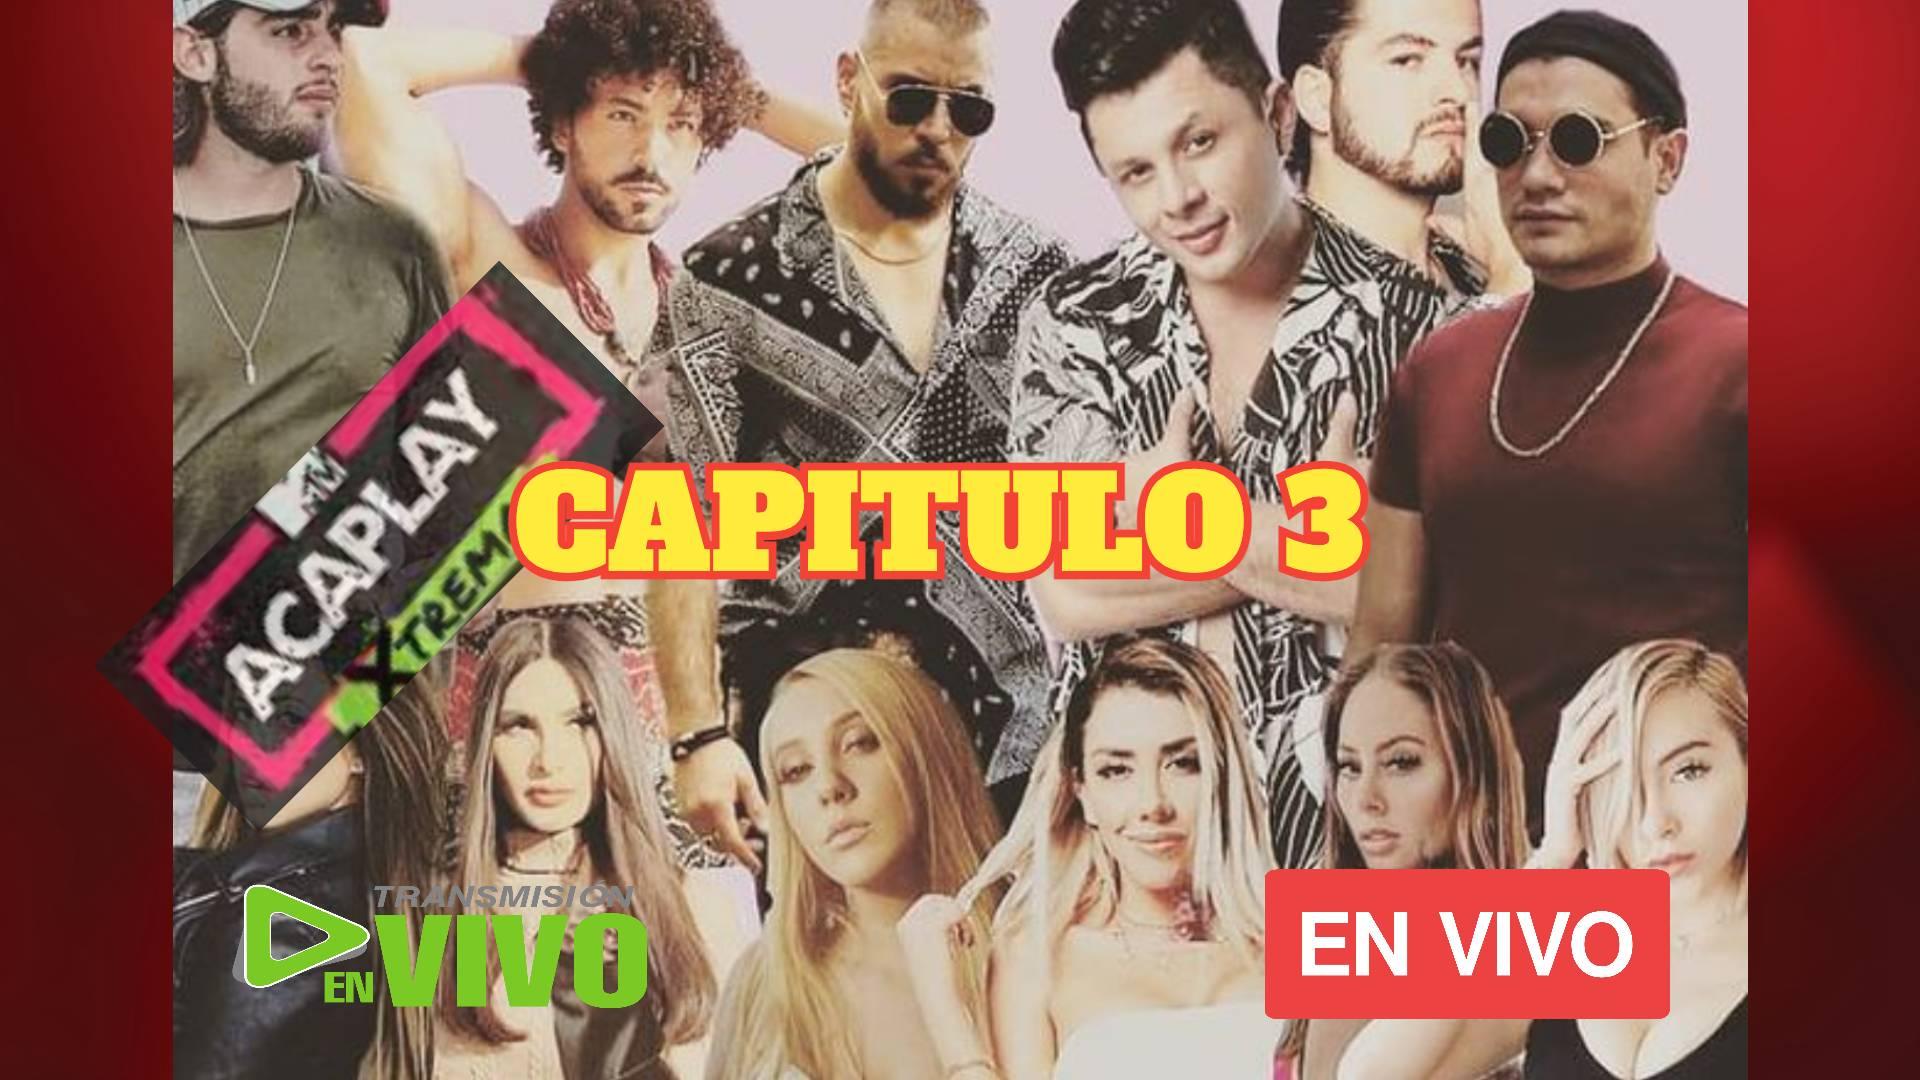 MIRAR AQUI ACAPLAY XTREMO 2021 CAPITULO 3 EN VIVO ONLINE